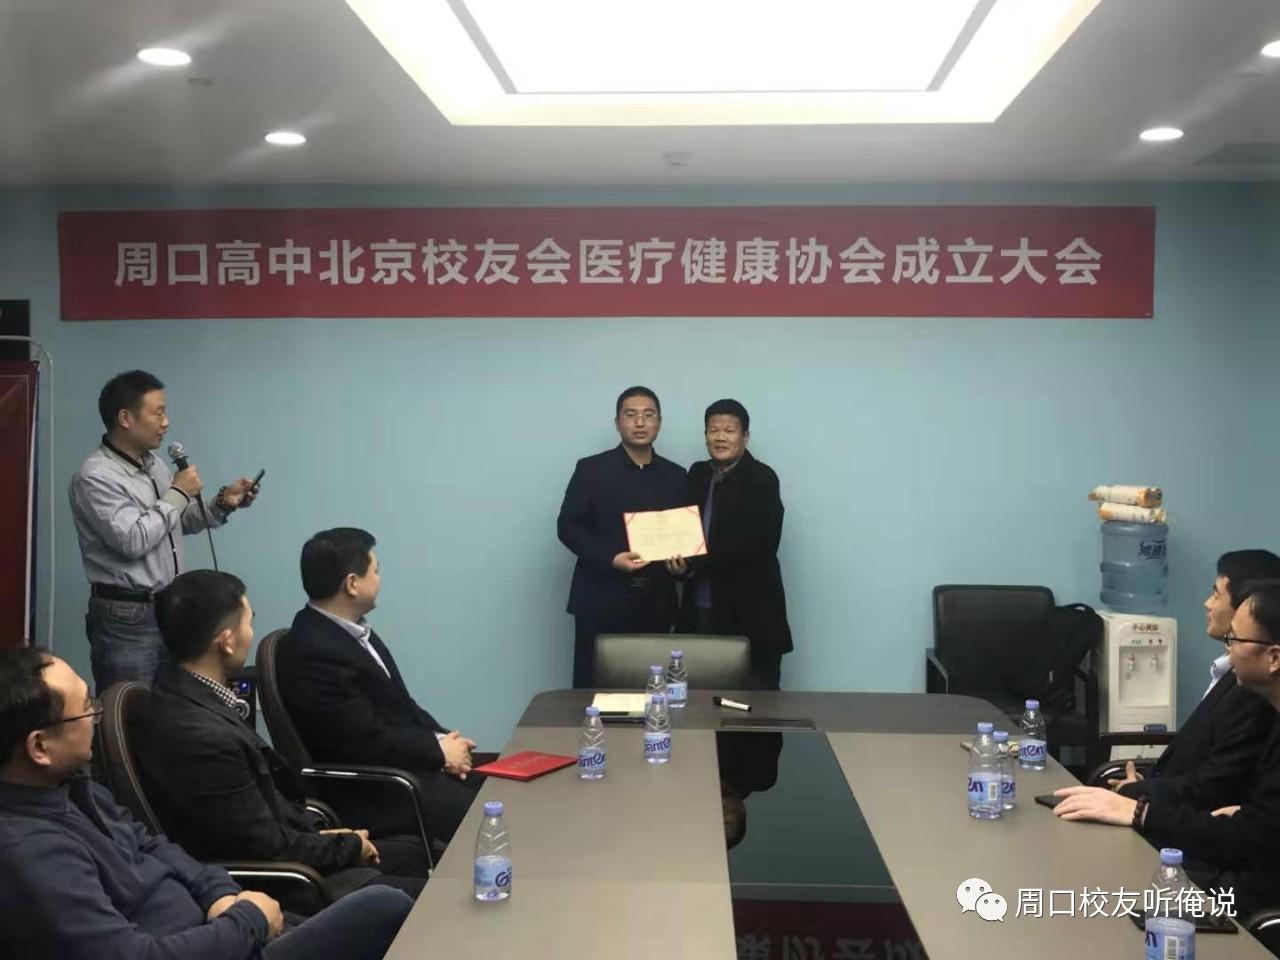 校友会建筑协会副会长曹胜辉为袁刘红秘书长颁发证书